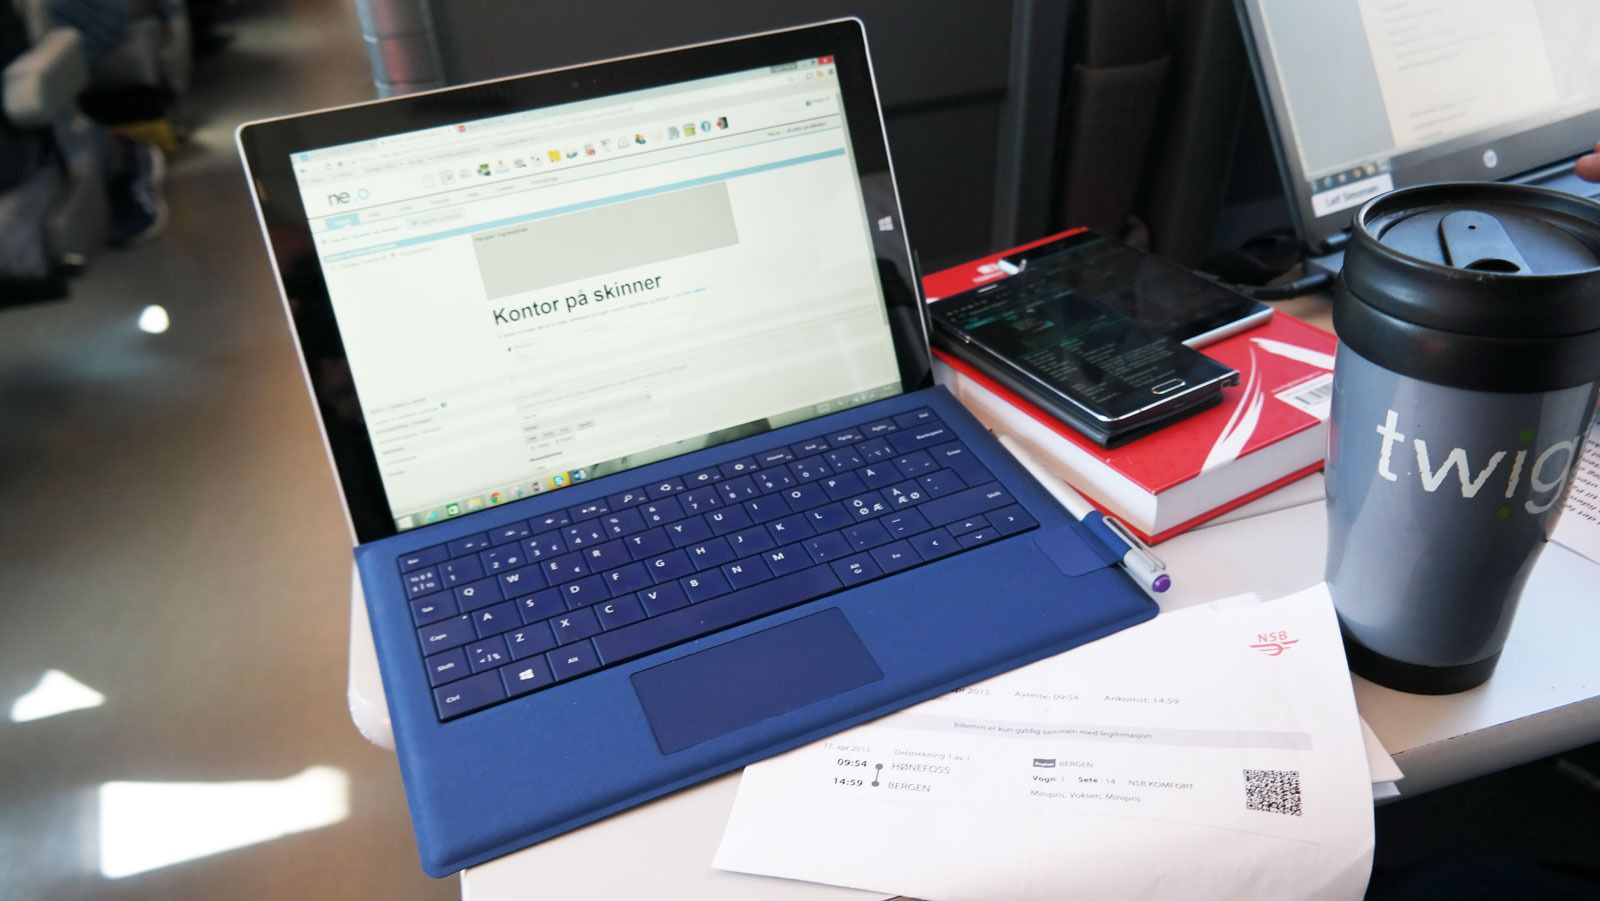 Bordet gir god plass til en bærbar PC. Her bruker vi en Surface Pro 3, som vi kan bruke hele veien uten å lade den. Vi lader likevel, siden laderen også forskyner mobilene våre med strøm. De er ikke like glade for en 6 timer togtur med skjermen tent og apper kjørende. Foto: Espen Irwing Swang, Tek.no